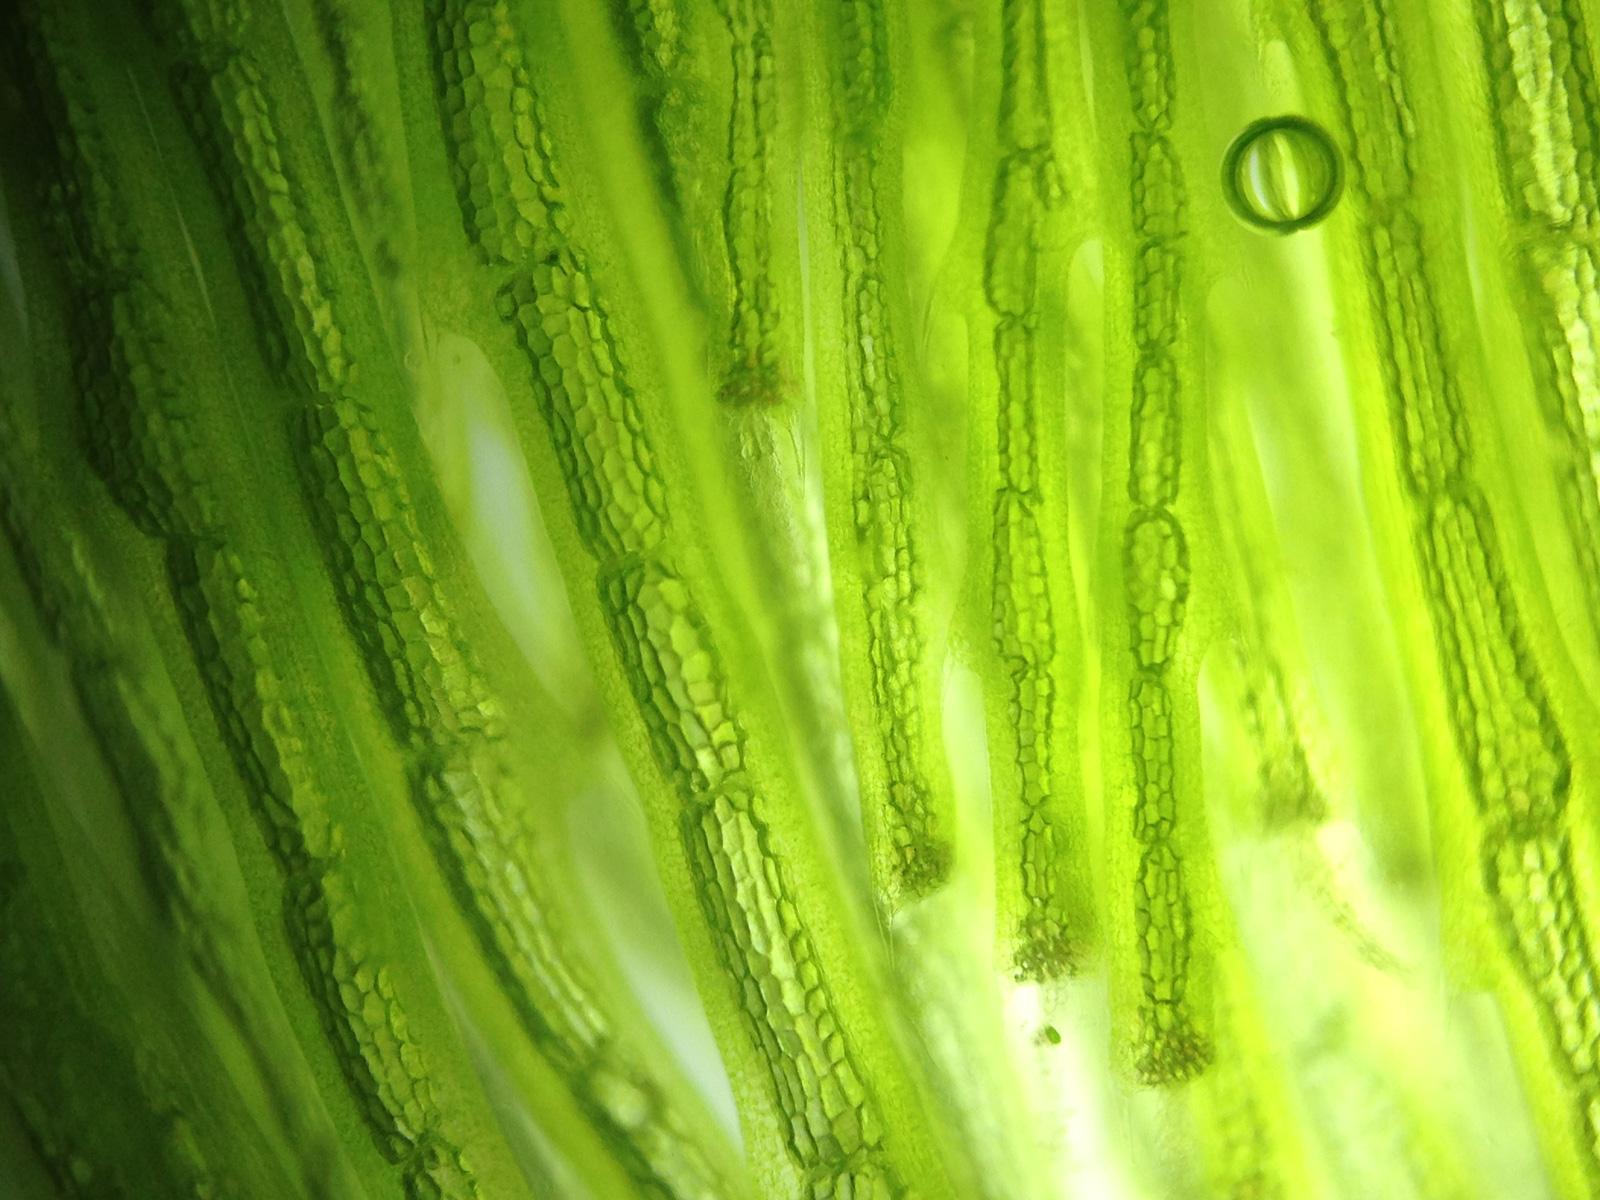 Stromerzeugung durch Photosynthese: Algen unter dem Mikroskop